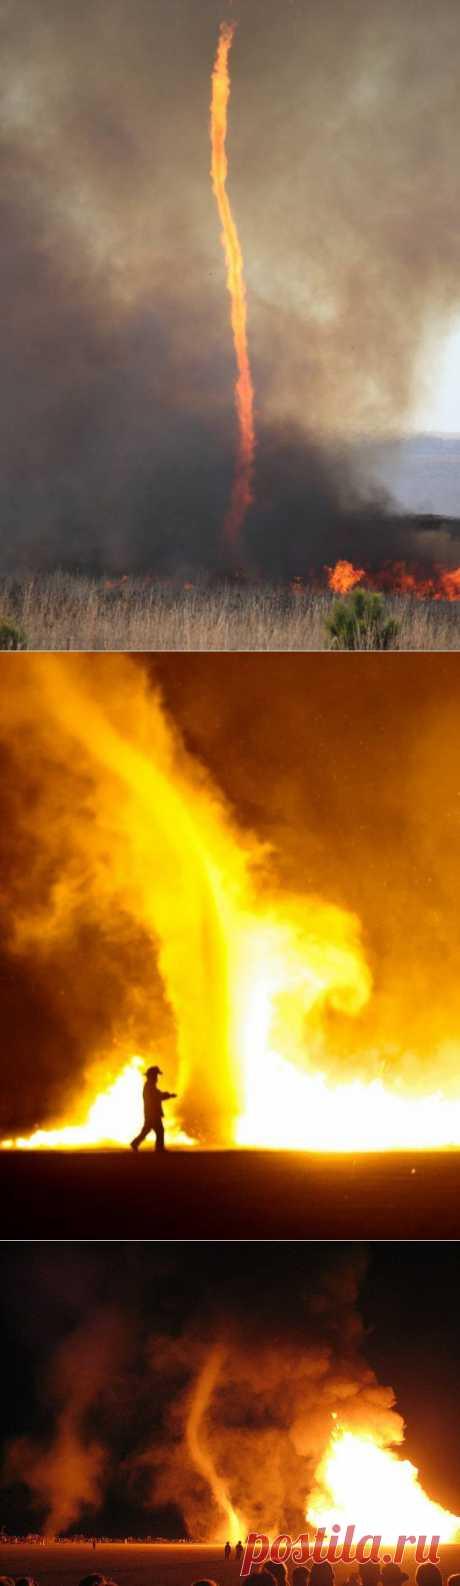 Страшное чудо: огненный смерч / Туристический спутник